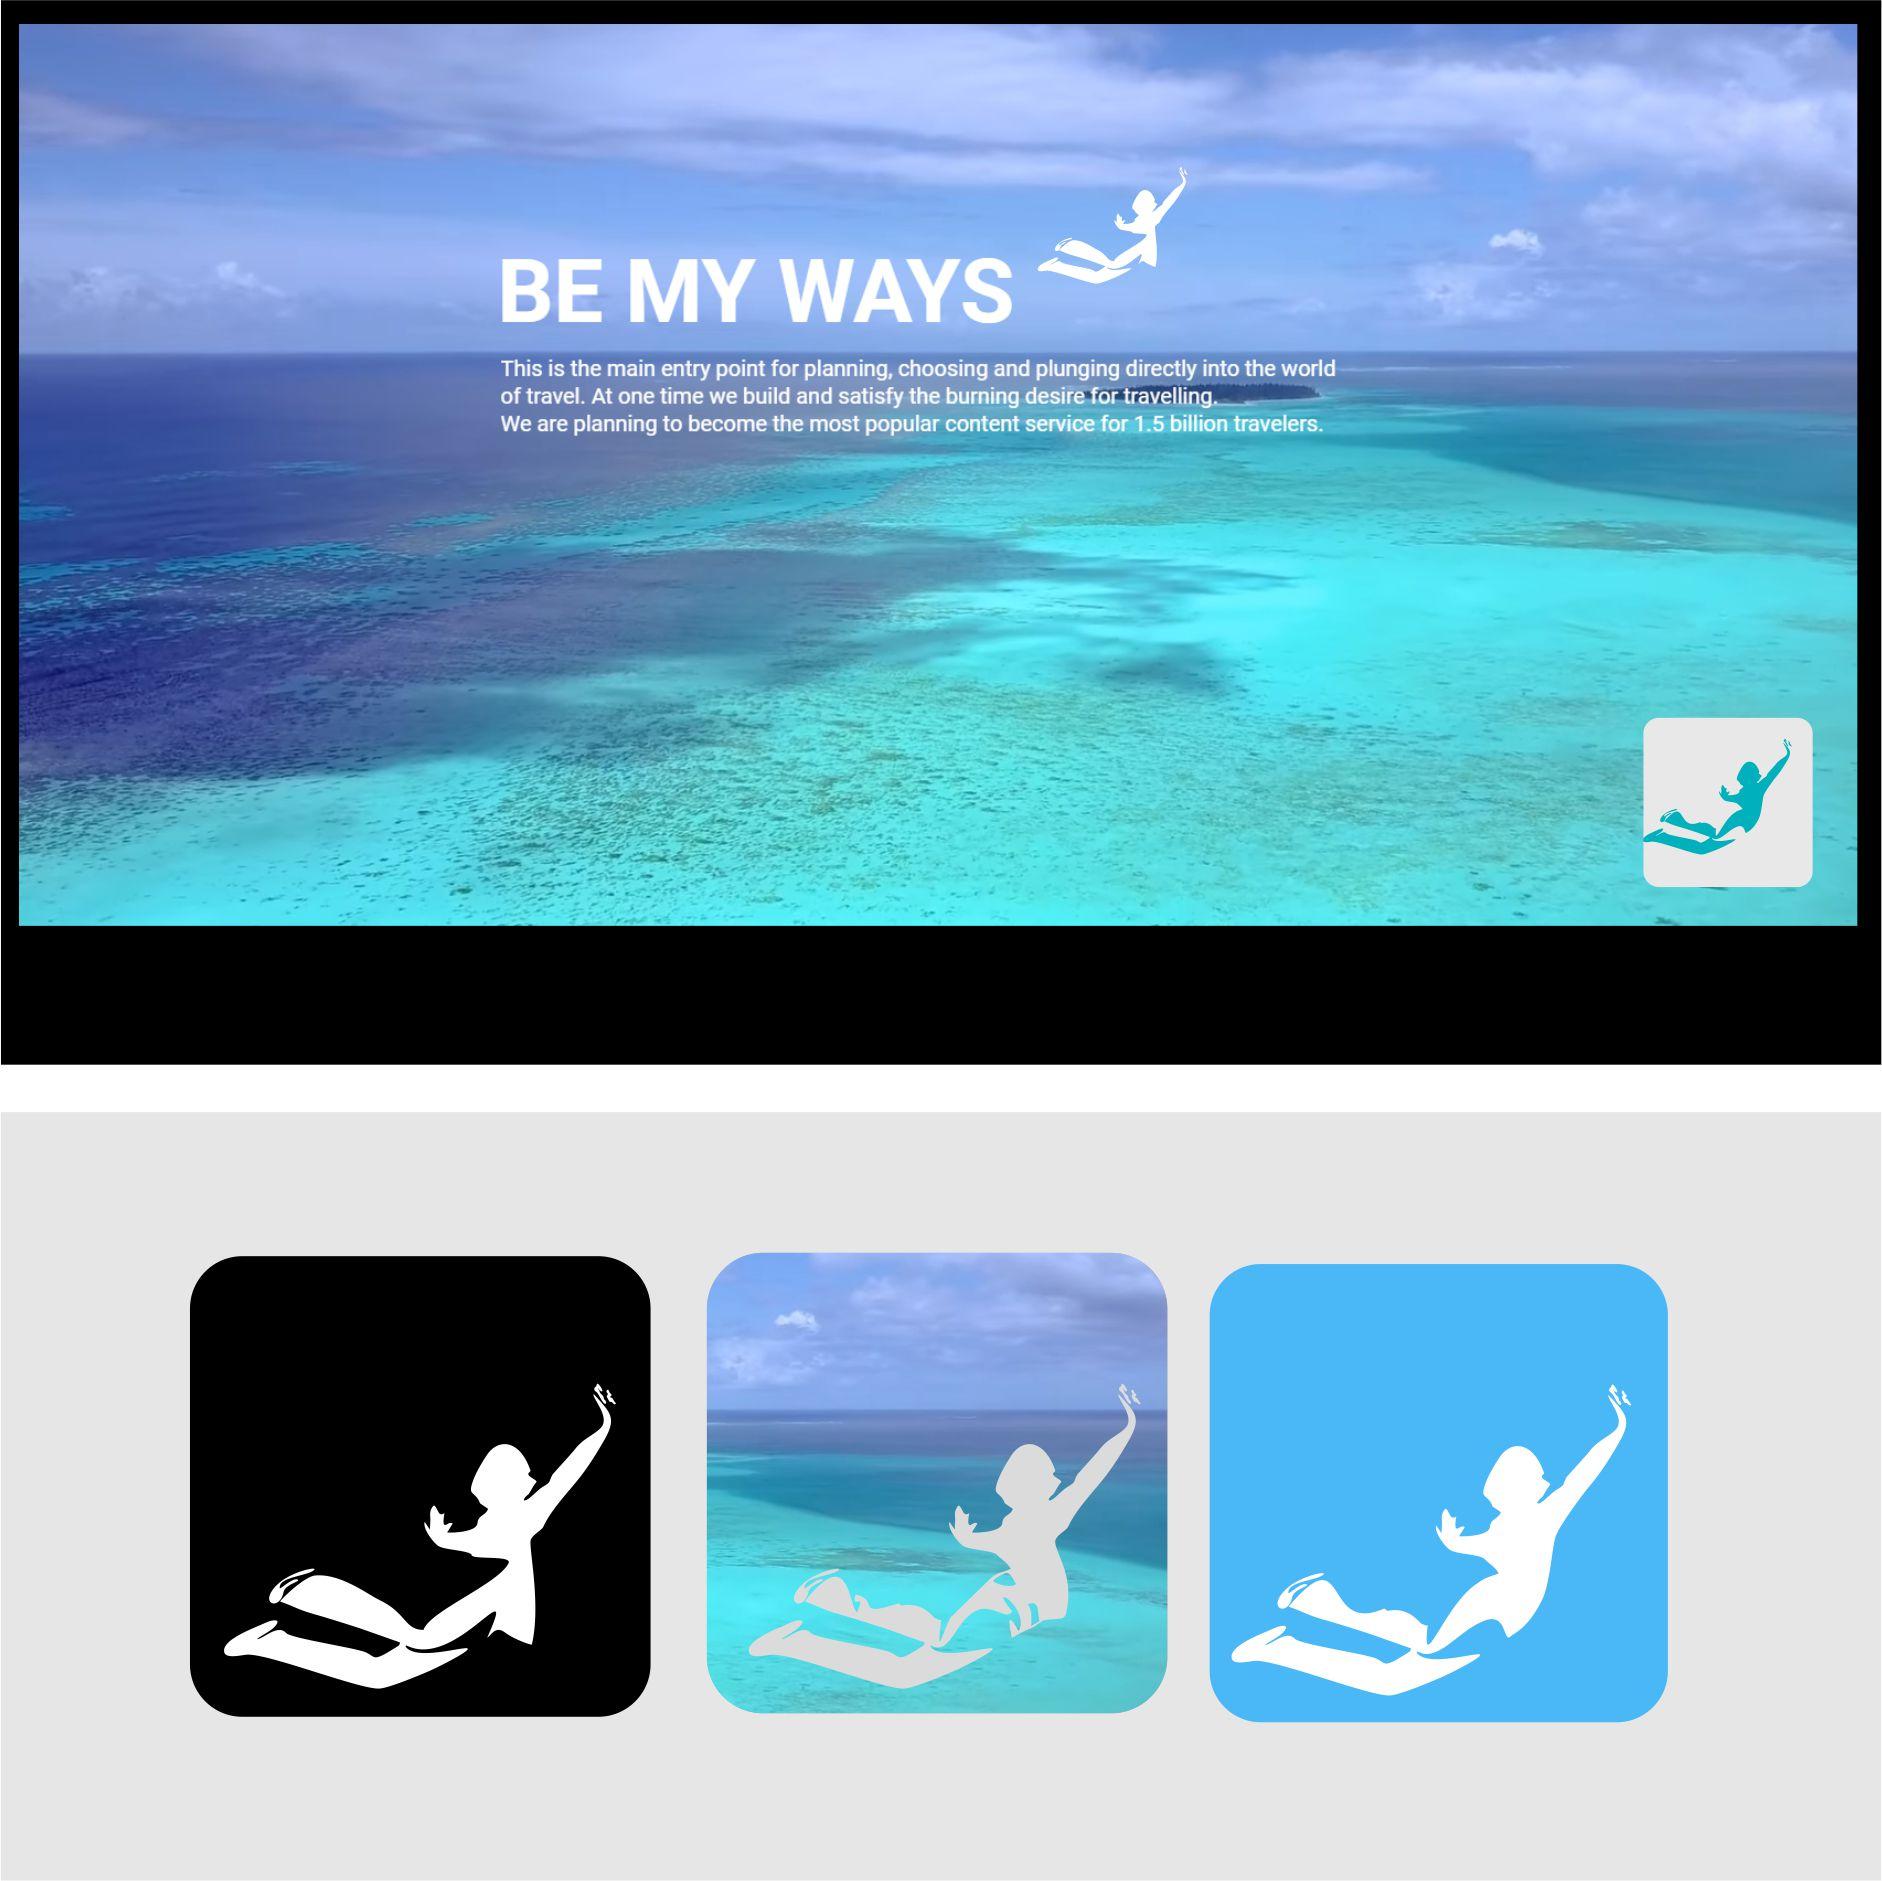 Разработка логотипа и иконки для Travel Video Platform фото f_2345c3c6036b3b1e.jpg